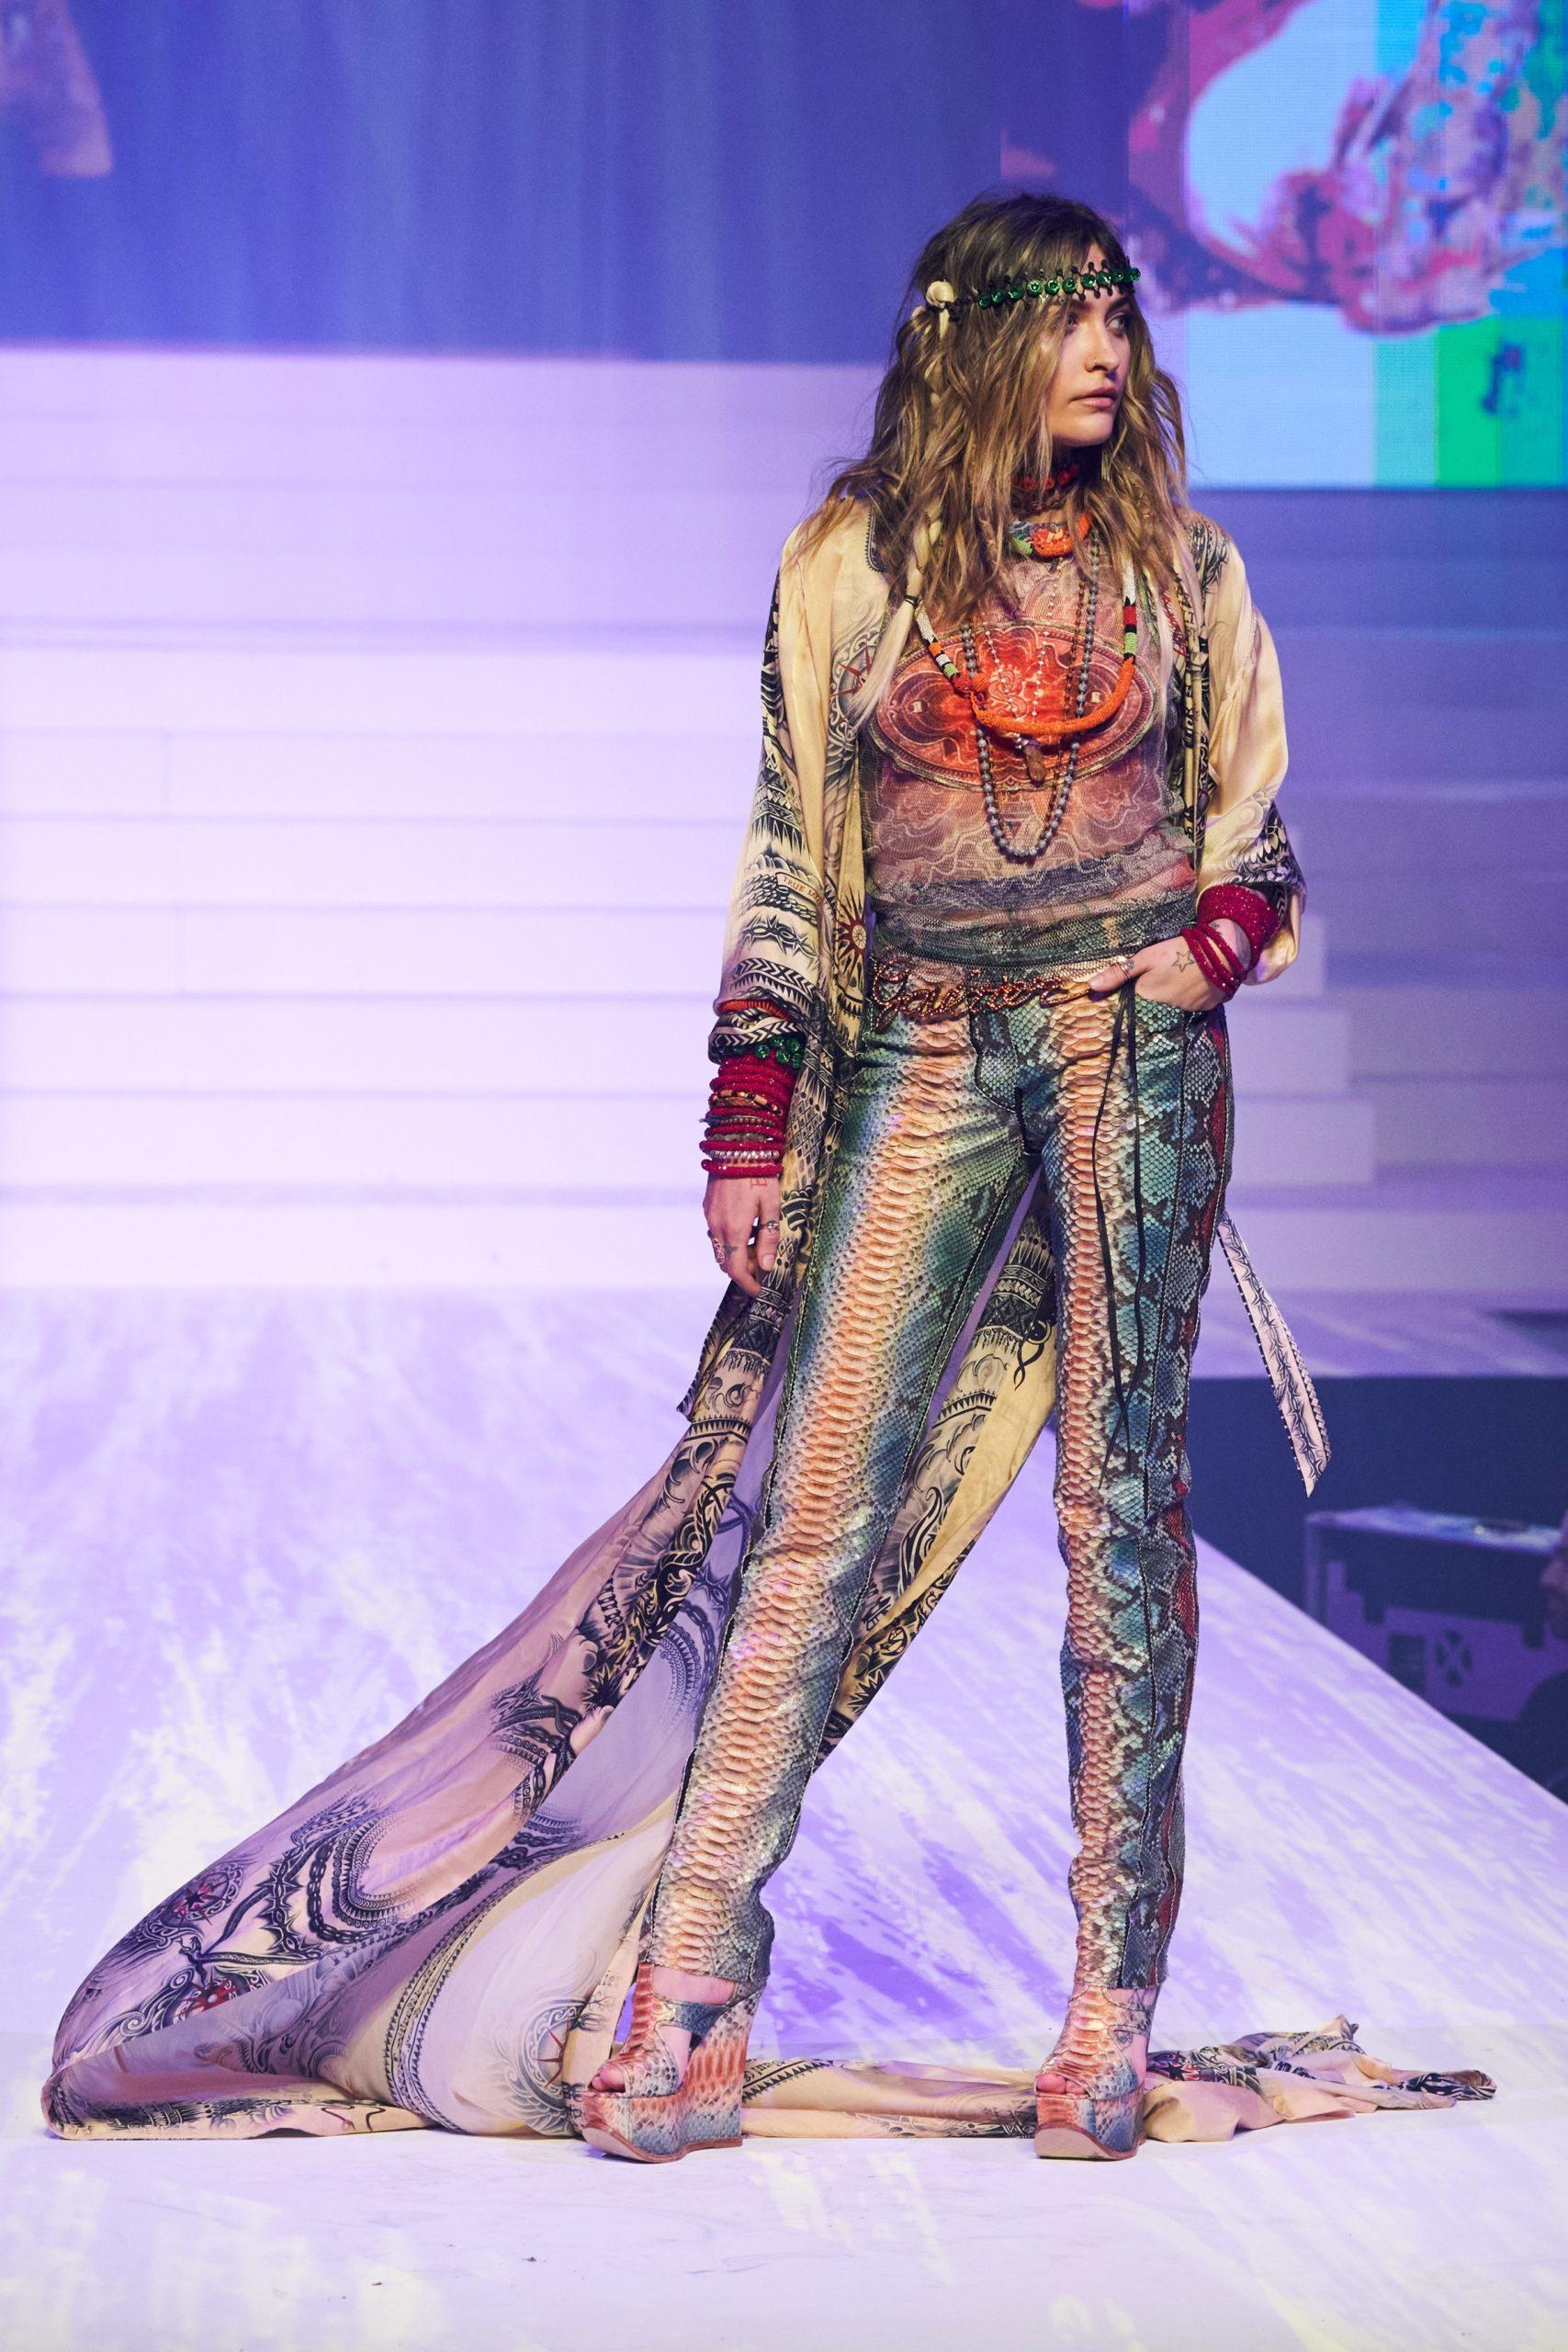 Paris Jackson at Jean-Paul Gaultier SS20 Haute Couture (Photo credit: Jean-Paul Gaultier)